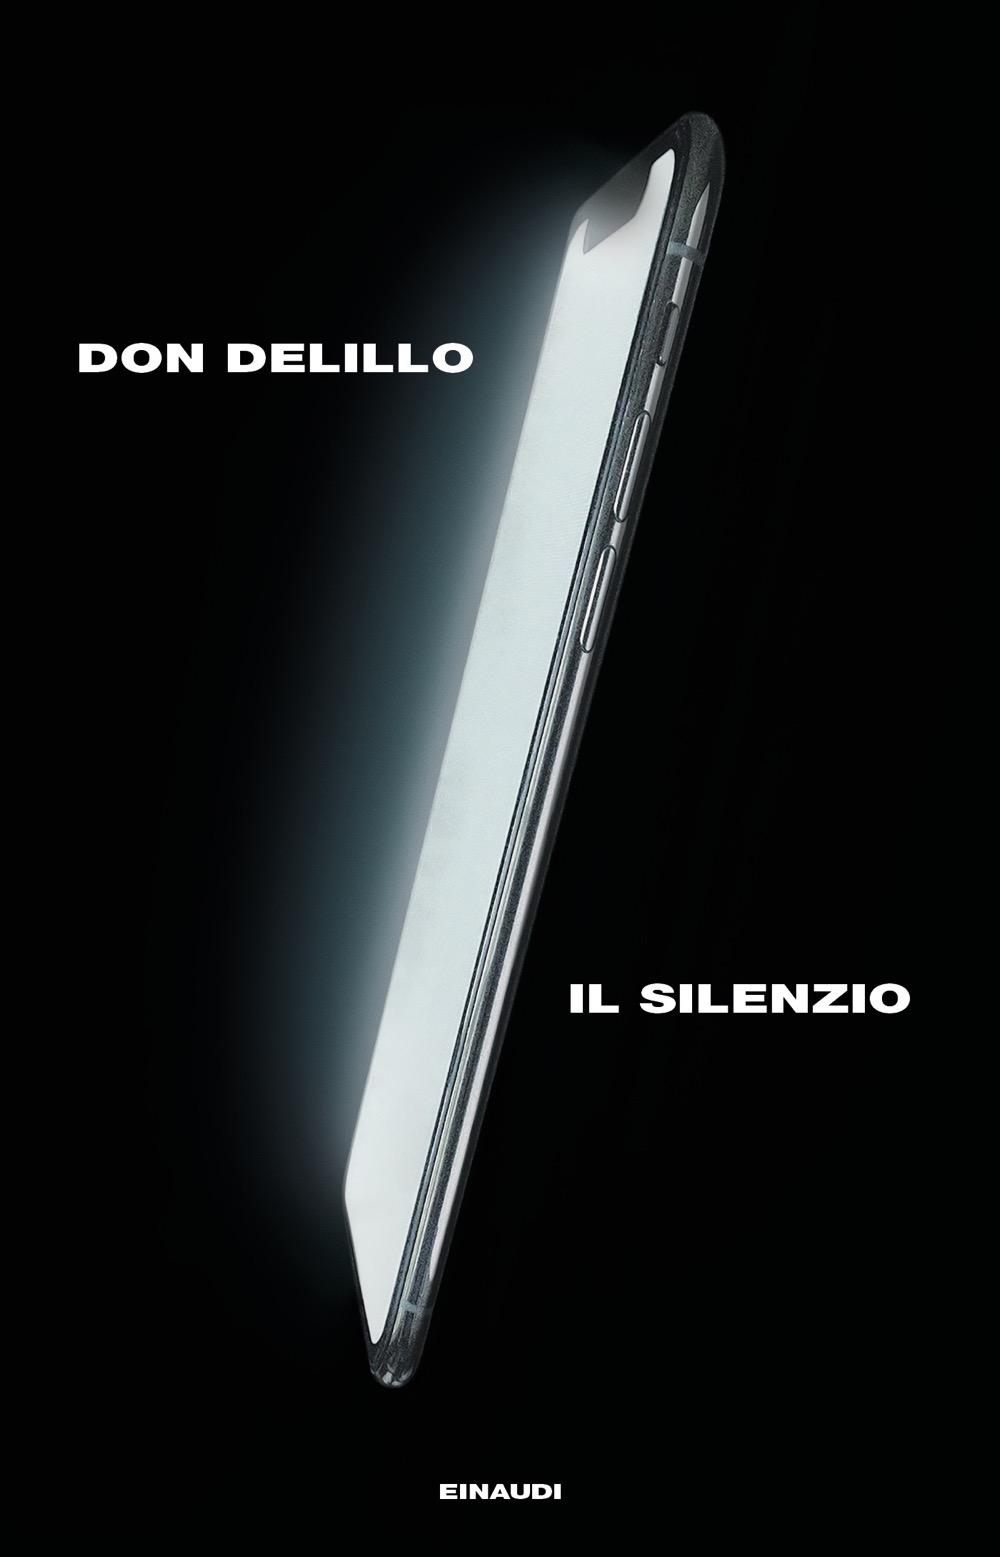 Il silenzio, Don DeLillo. Giulio Einaudi Editore - Supercoralli